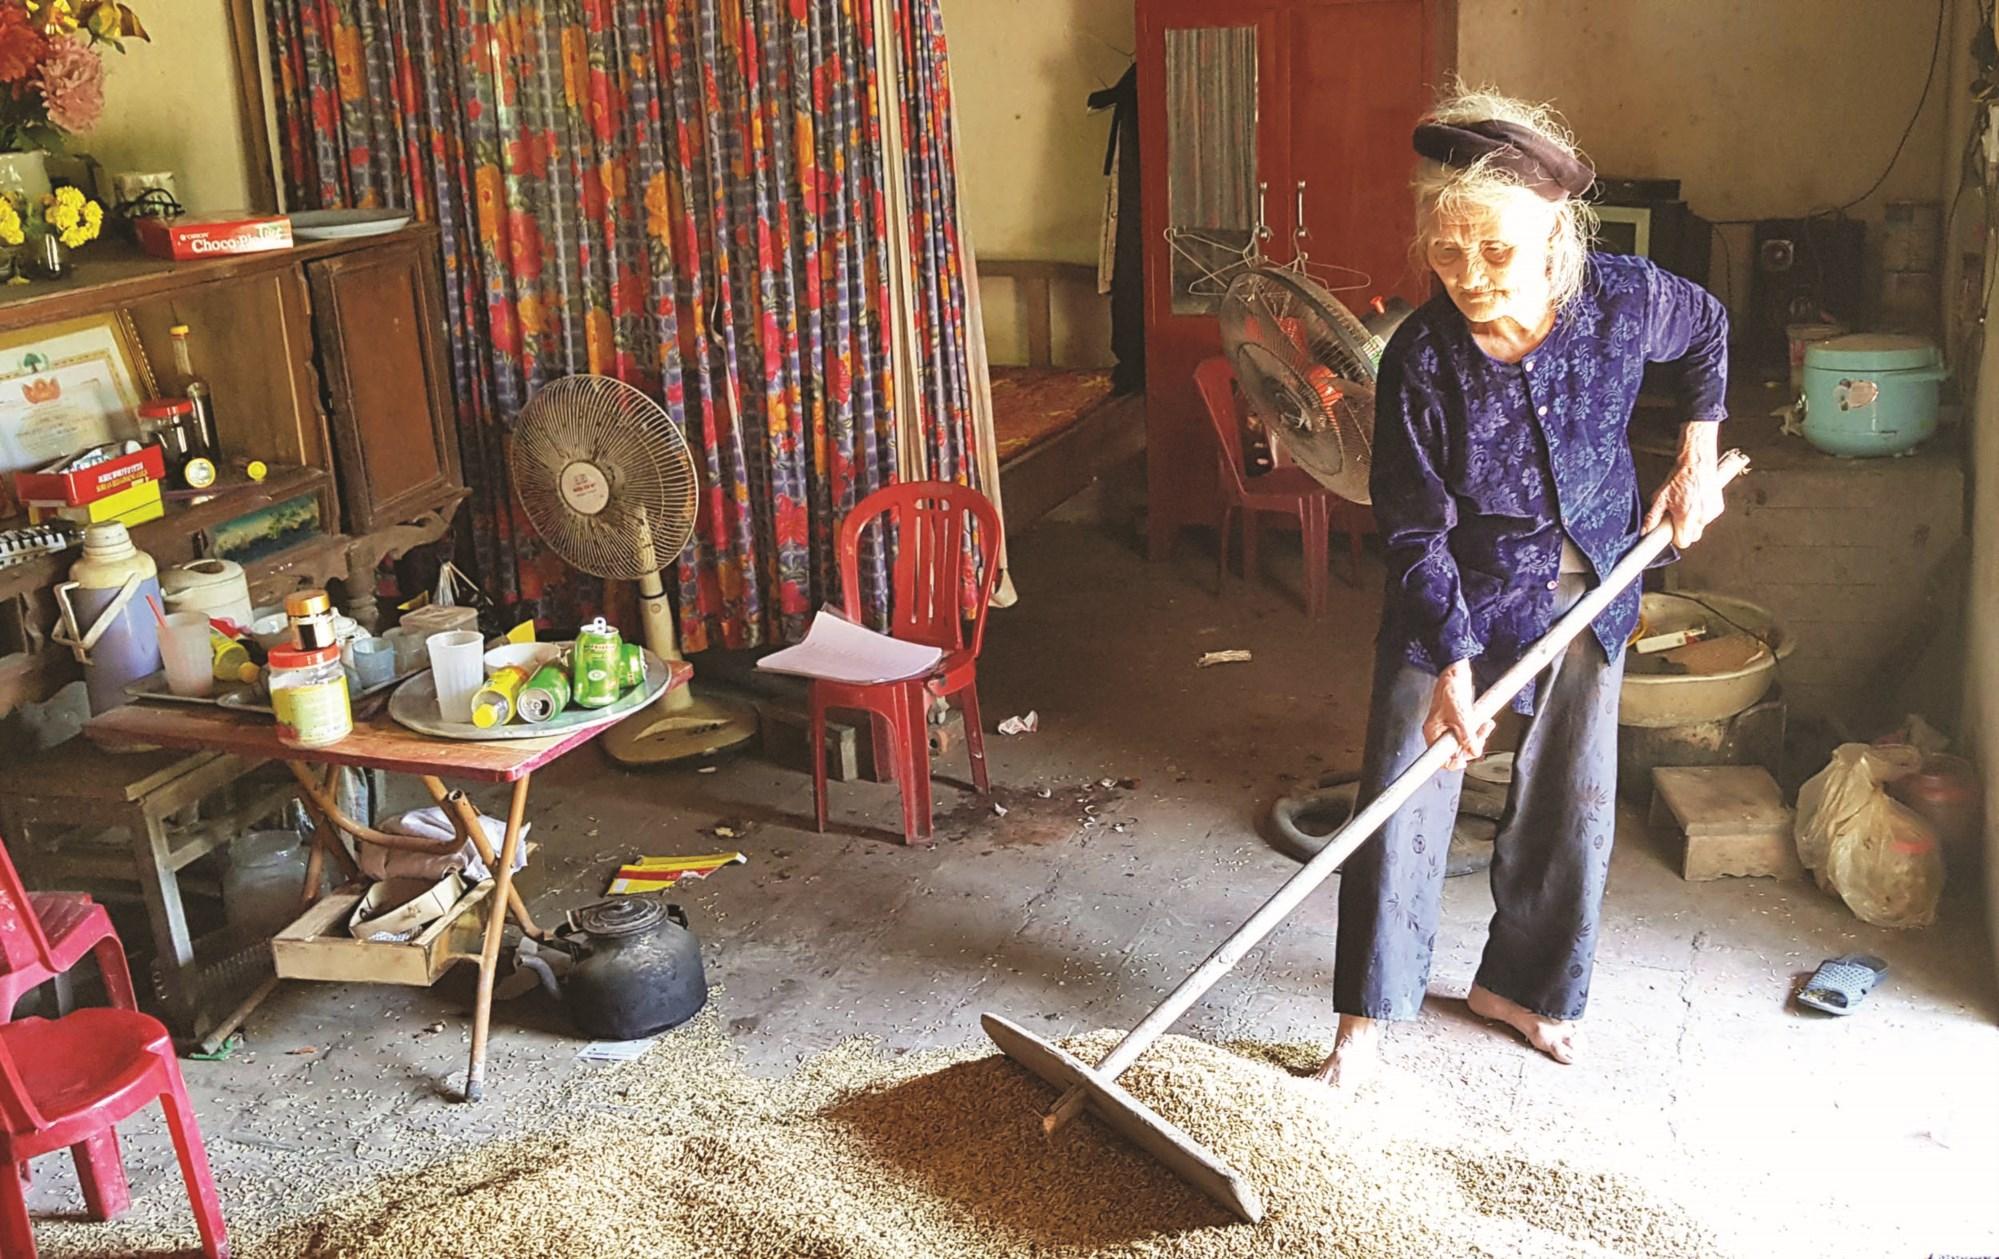 Ở tuổi 83, cụ Mơ vẫn lao động để tự nuôi sống mình.